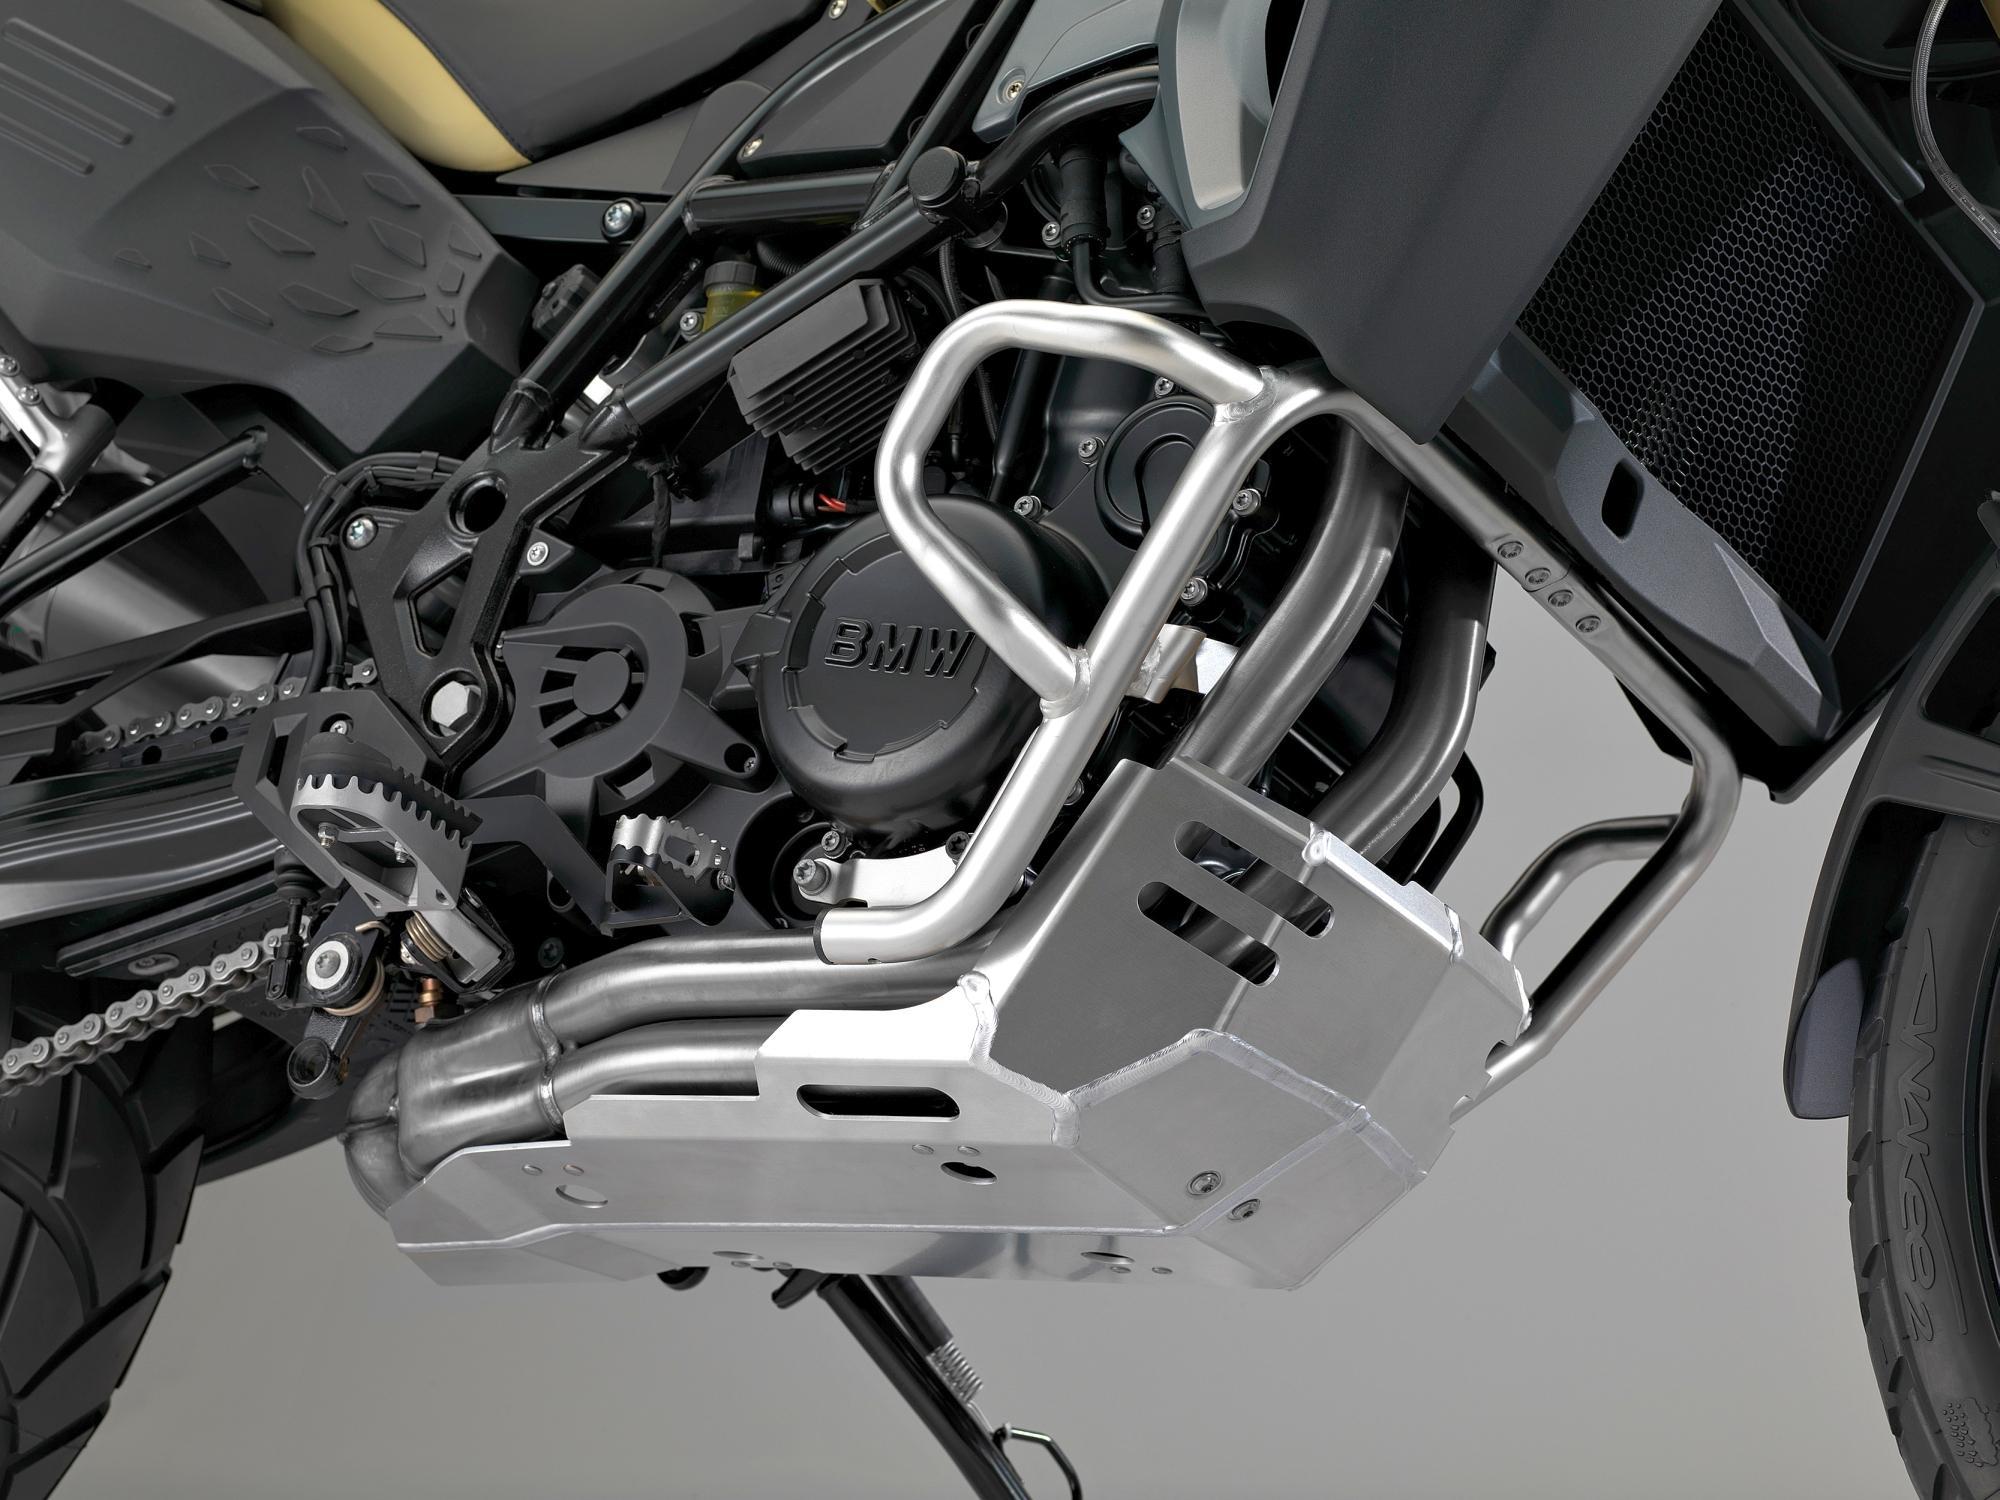 http://www.motorrad-bilder.at/slideshows/291/009408/18.jpg